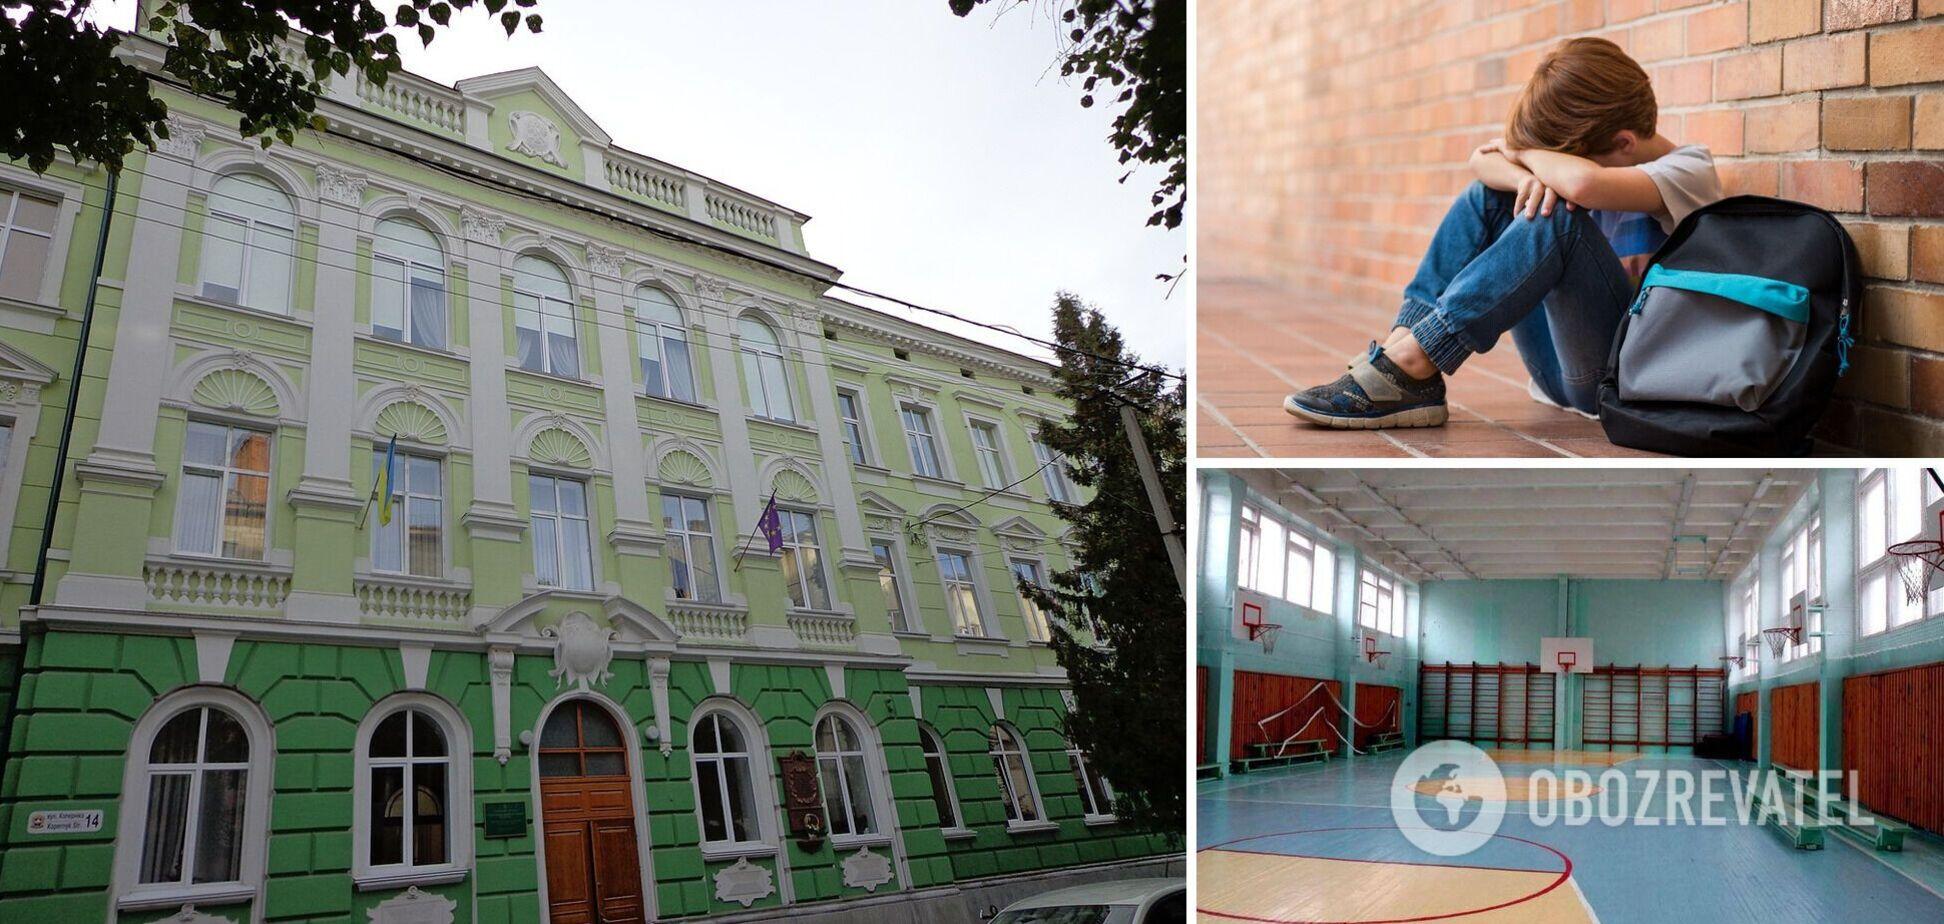 Дети испугались и начали кричать: подробности скандала с 'пьяной' учительницей из Тернополя